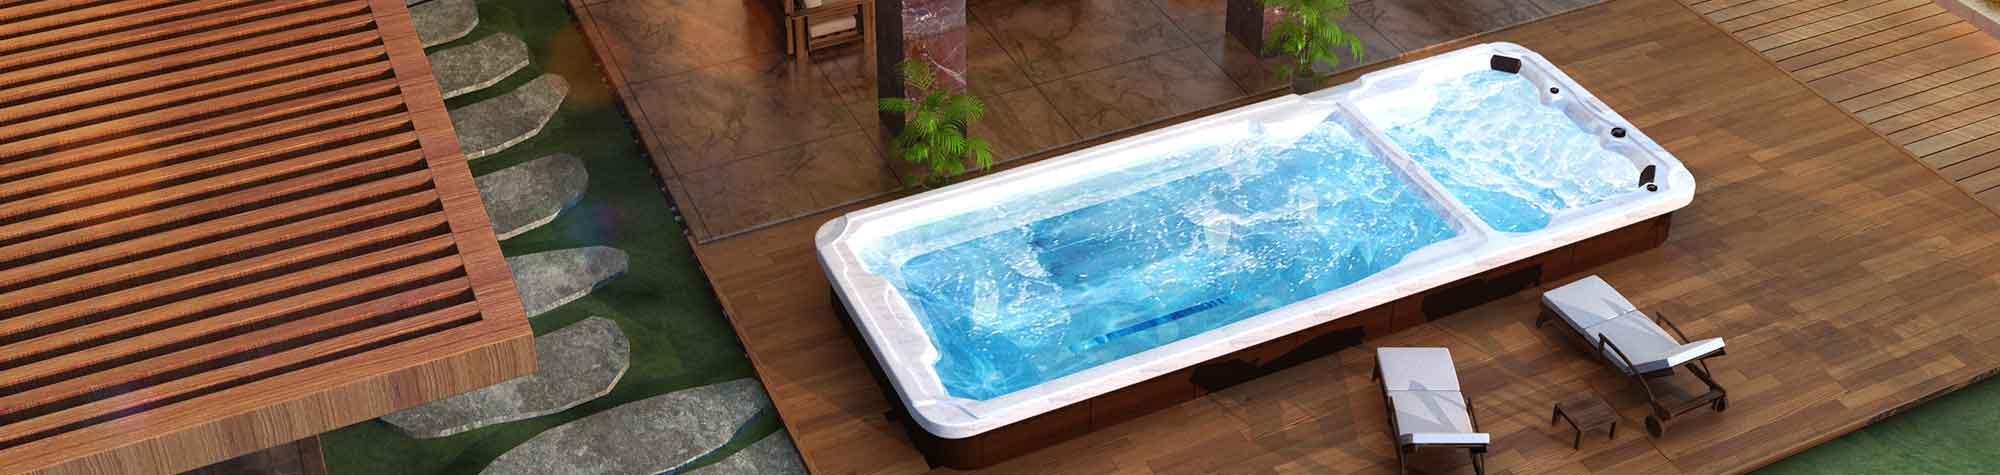 Spachoice Ringwood Web Image Spas & Swim Spas